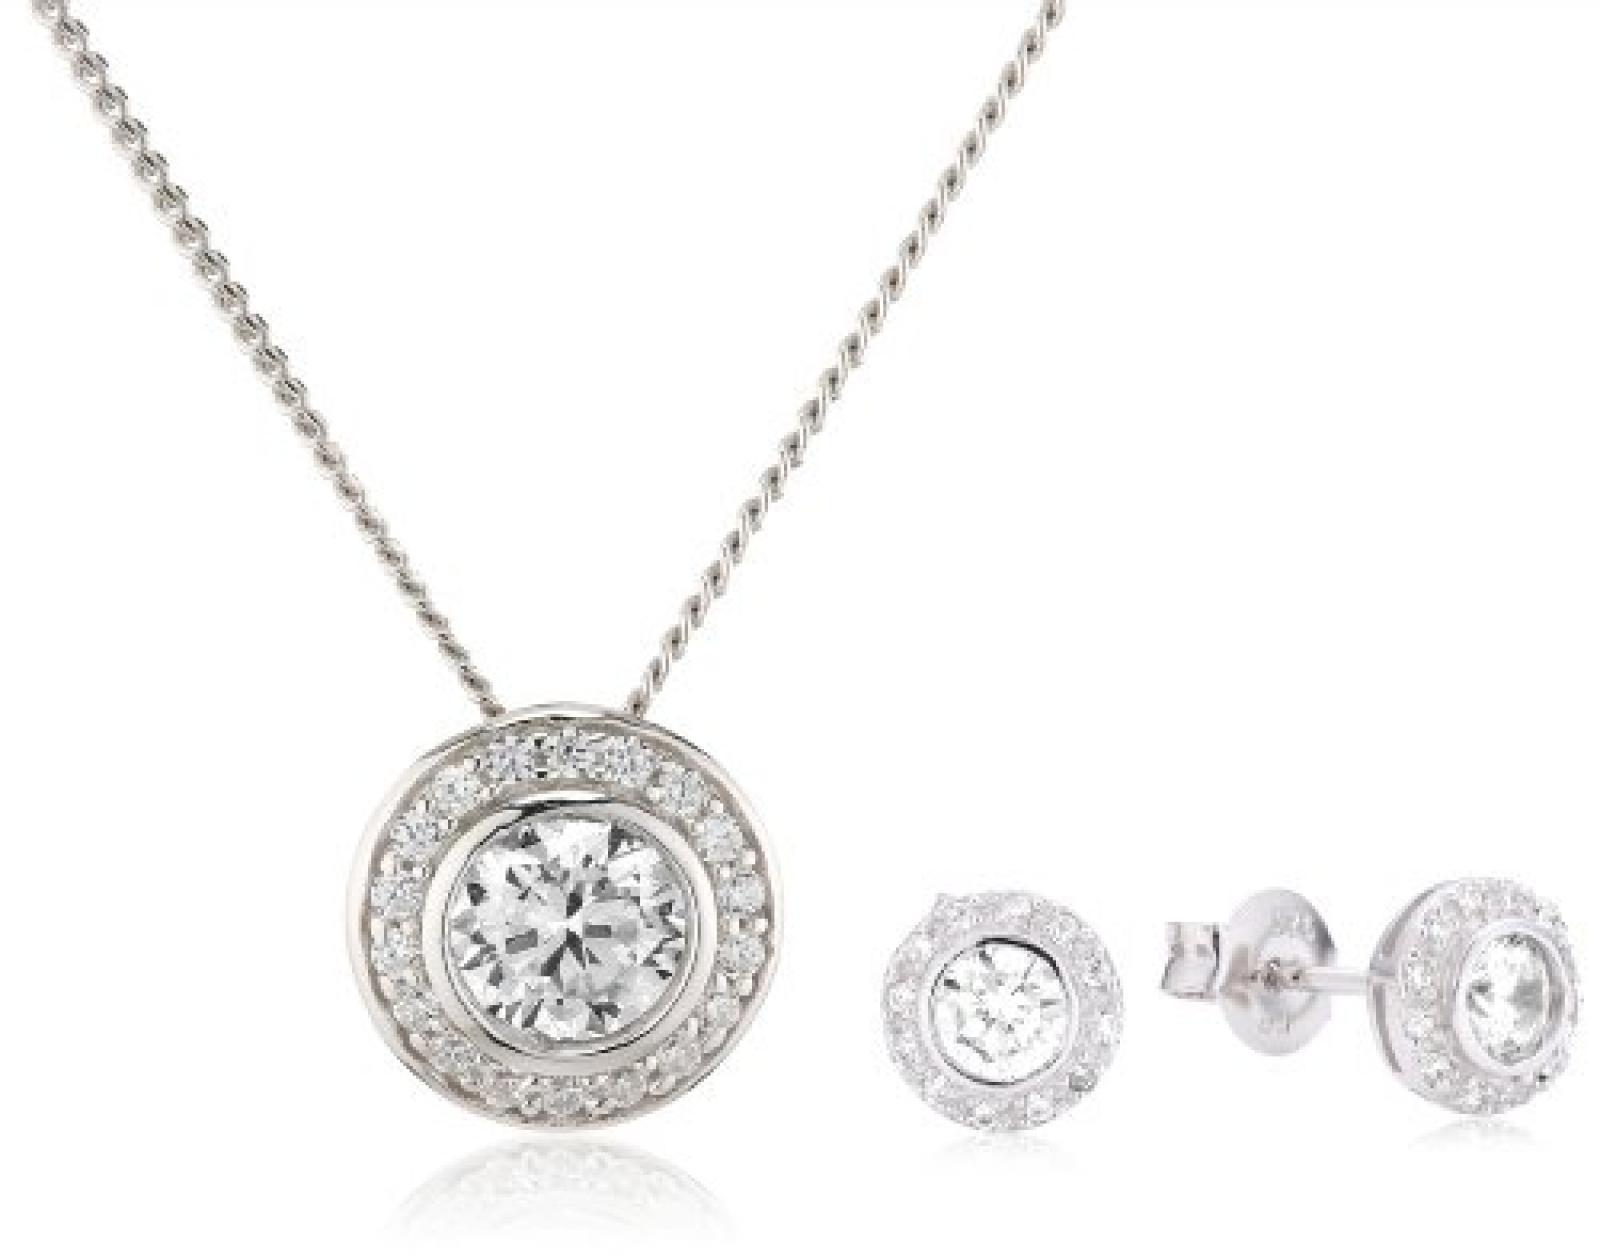 Celesta Damen-Set: Halskette + Ohrringe 925 Sterling Silber rhodiniert Zirkonia Celesta 42 cm weiß 500201436-42